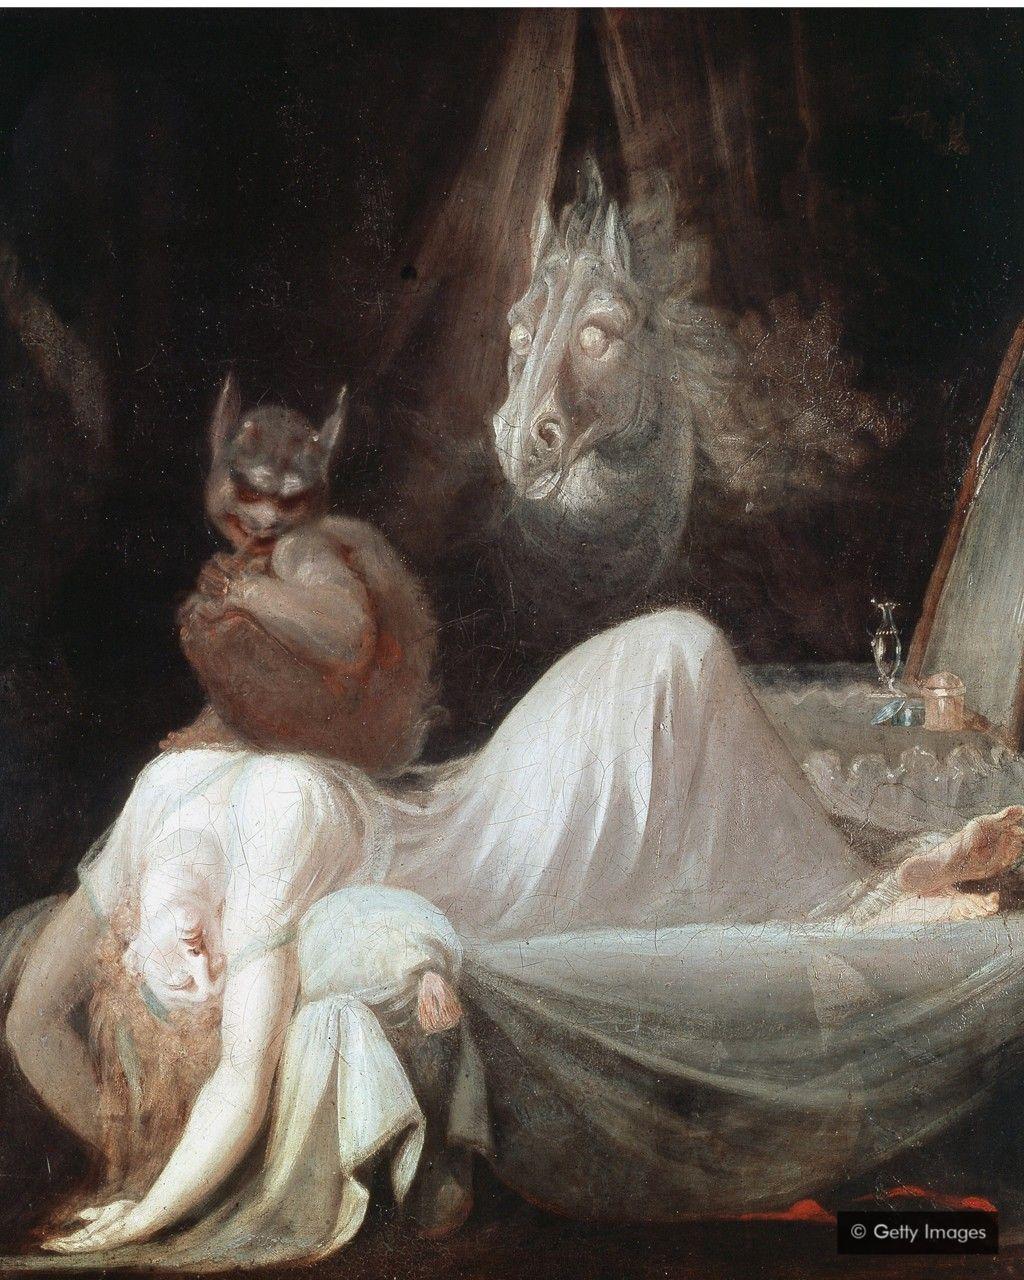 亨利·富塞利的《夢魘》(1781)是對夢最著名的描繪之一,至今仍不為人們所理解。